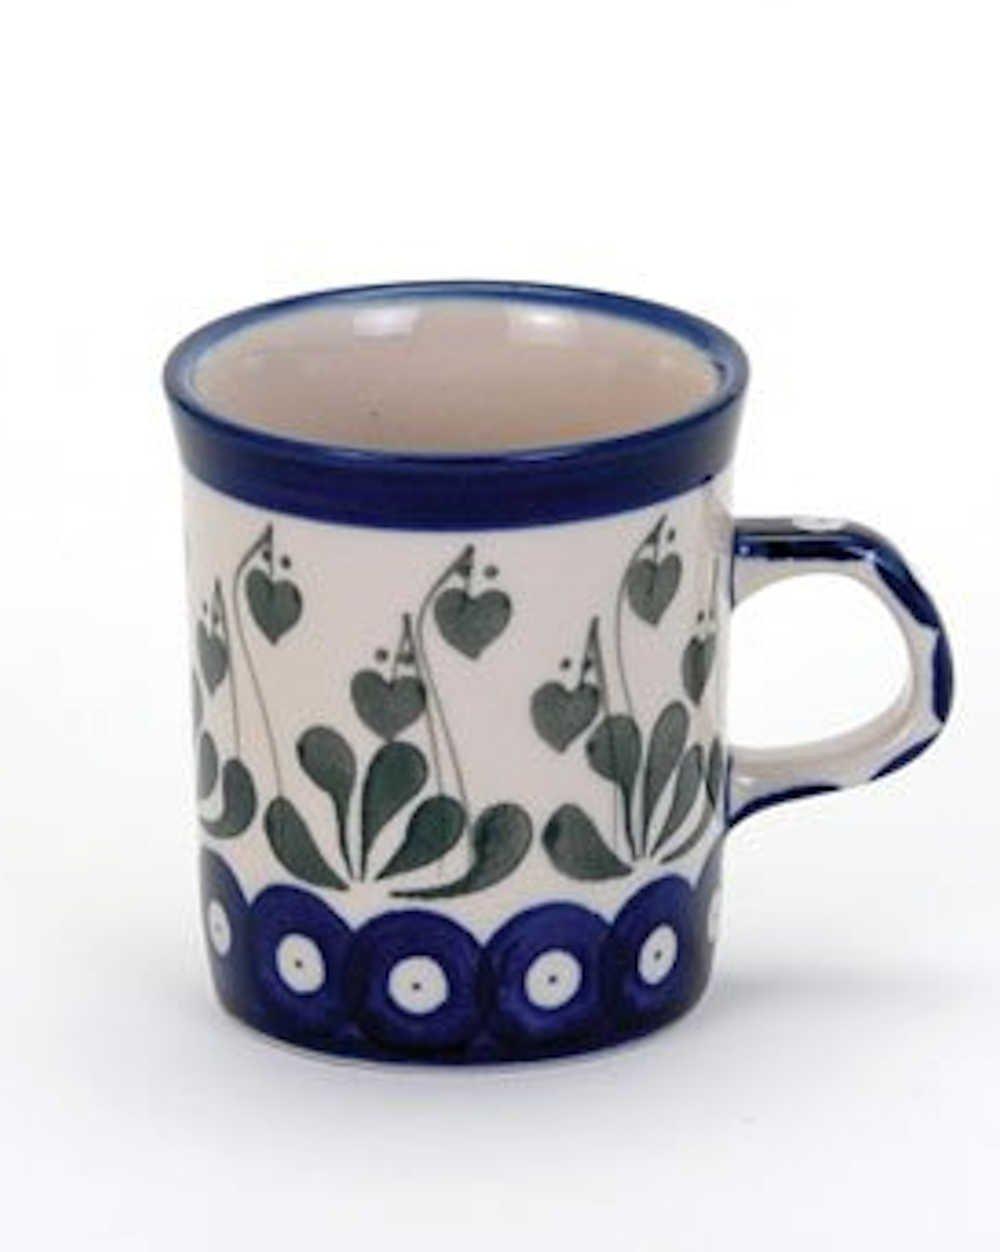 Love Leaf Mini Mug Stoneware By Artyfarty Salago Totnes